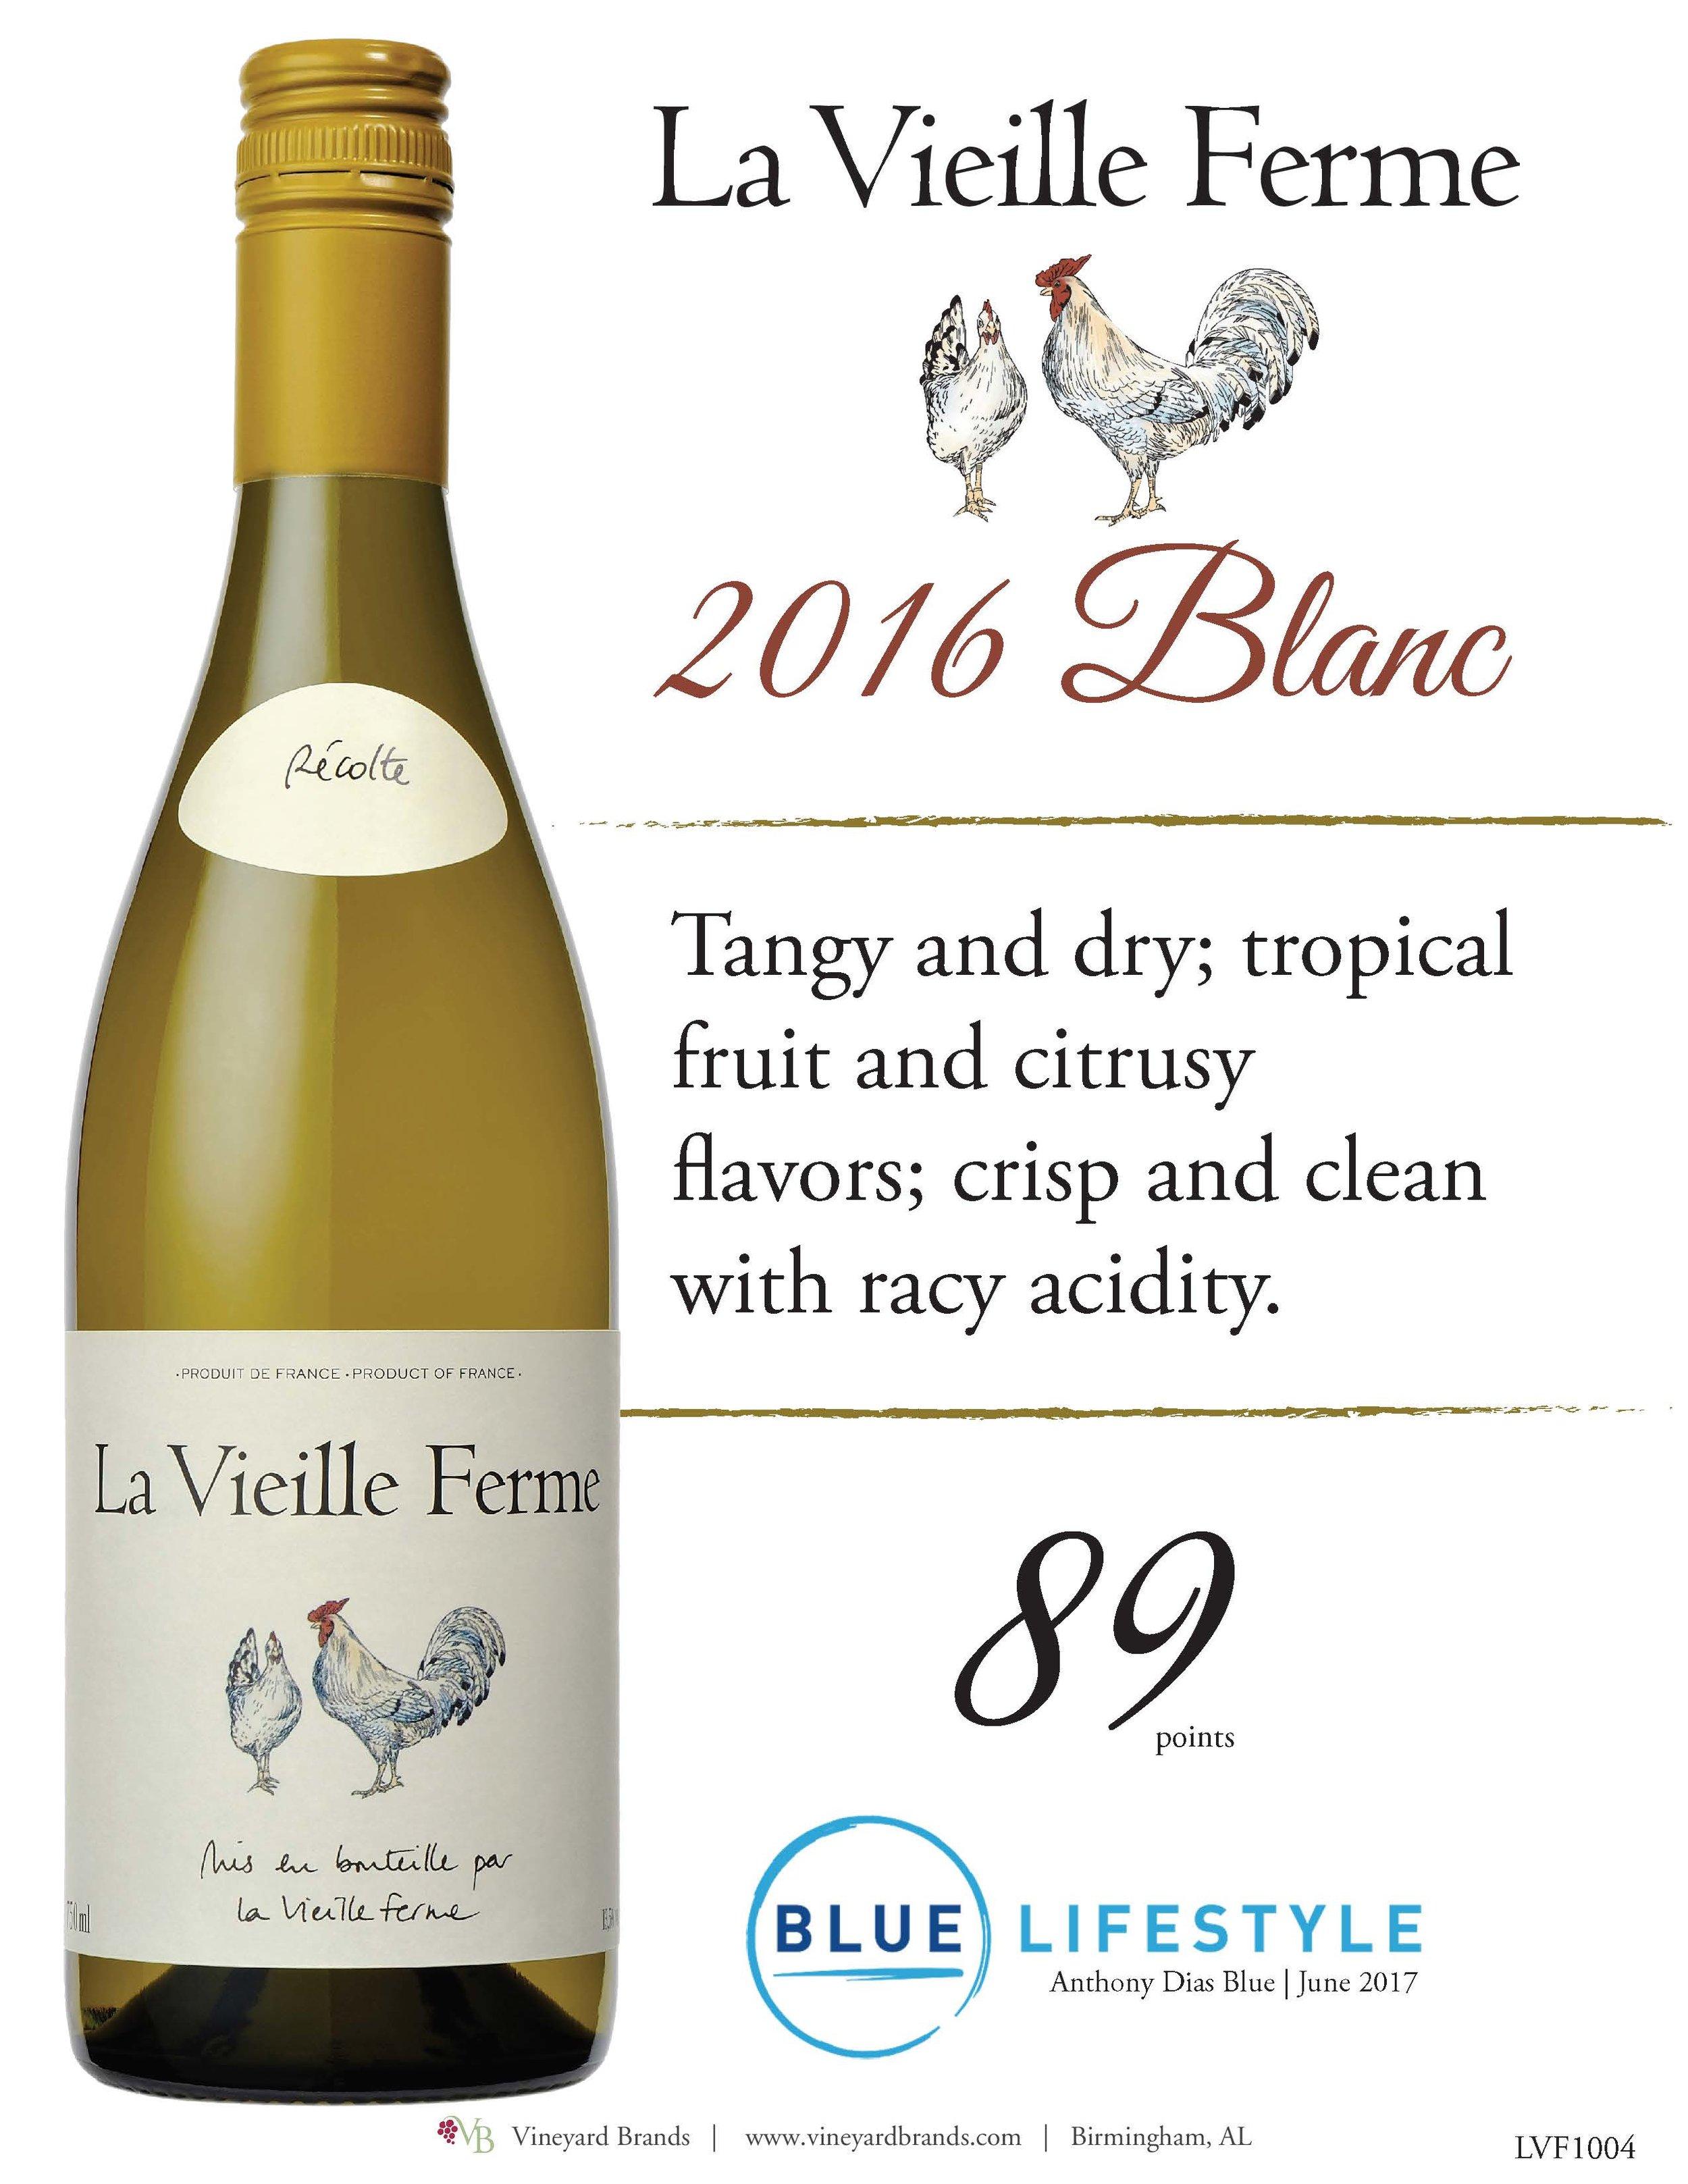 La Vieille Ferme 2016 Blanc.jpg